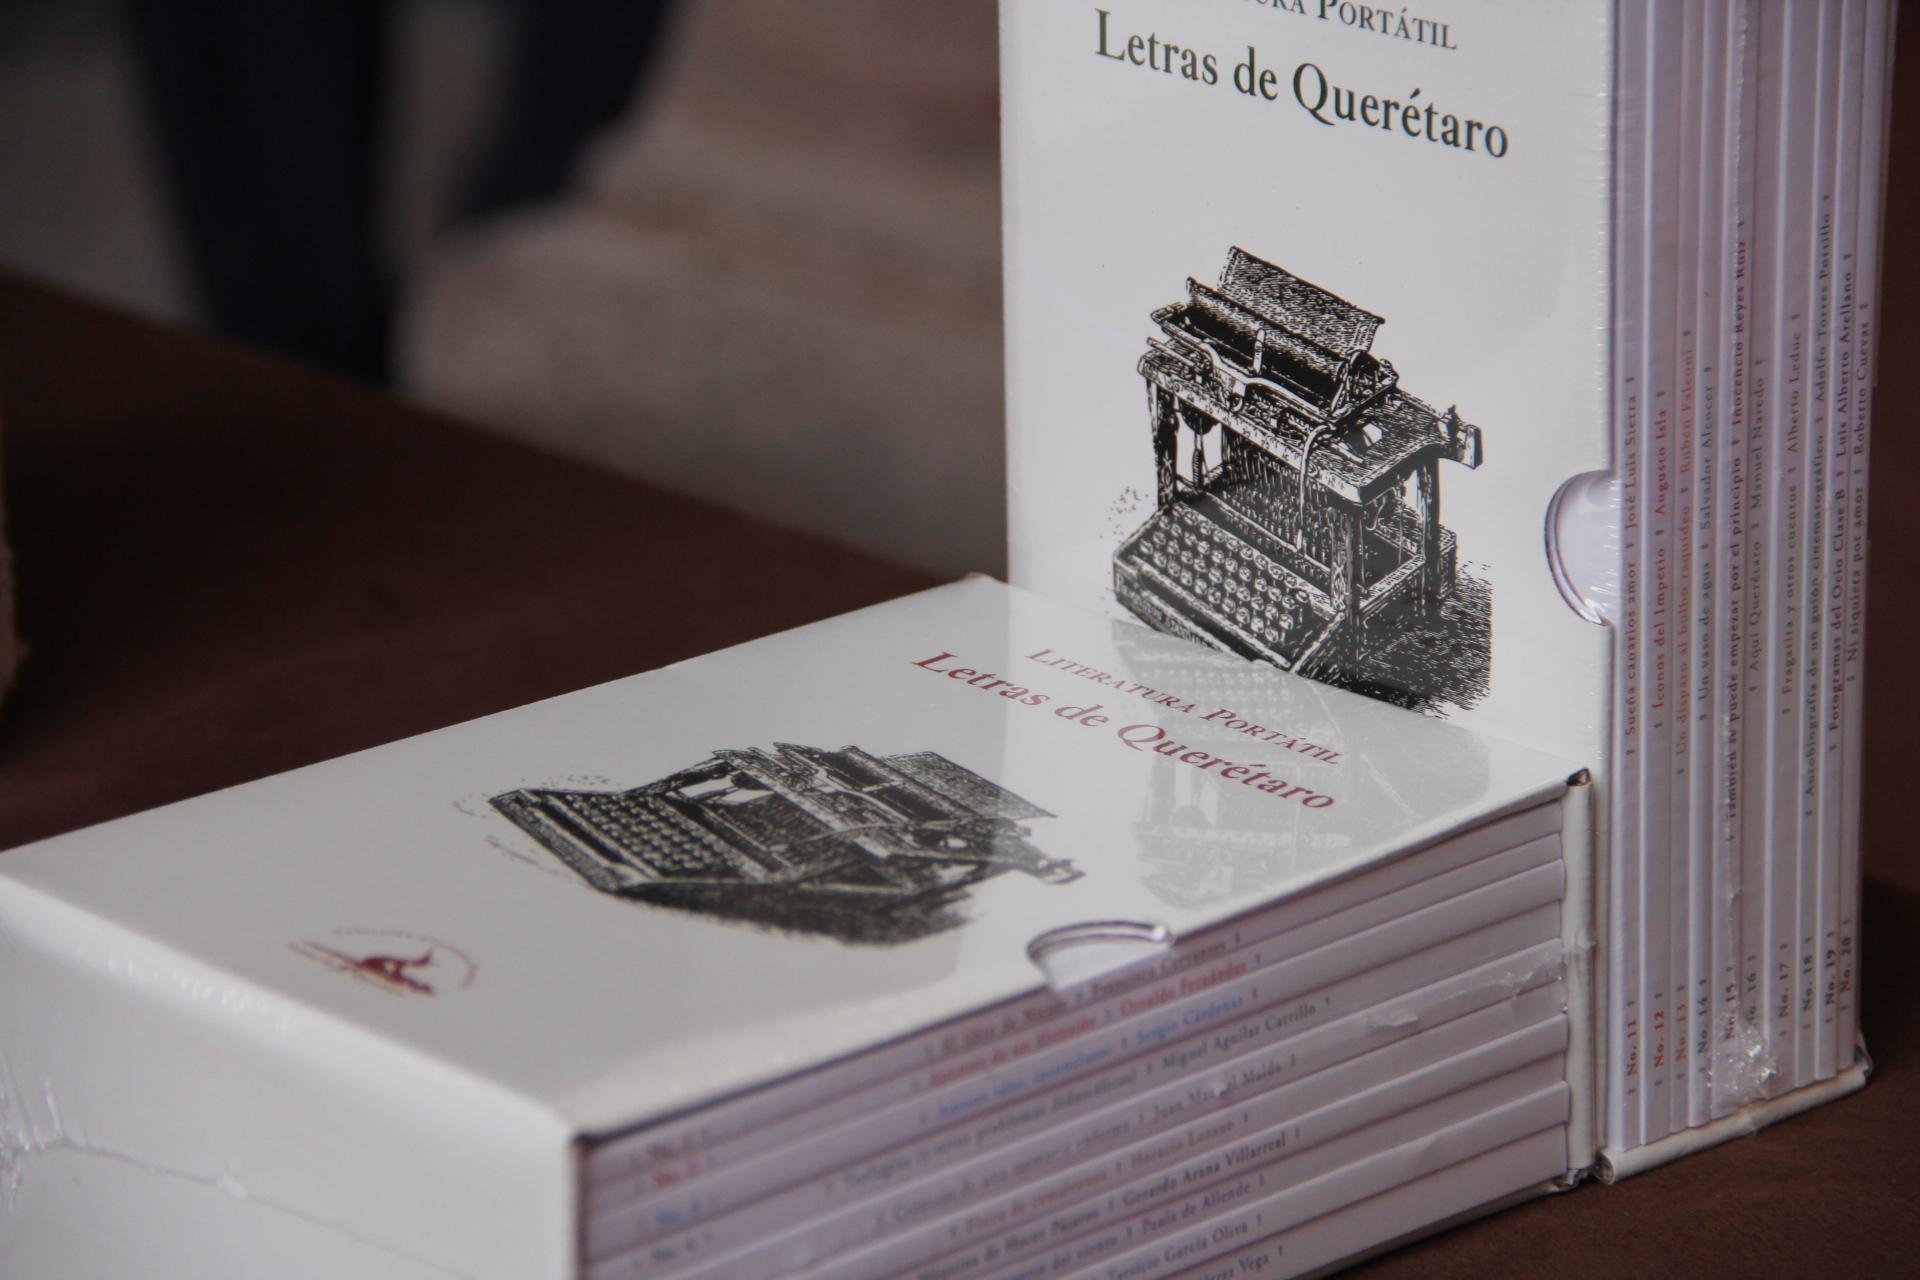 Presenta Fondo Editorial de Querétaro la colección Literatura Portátil. Letras de Querétaro